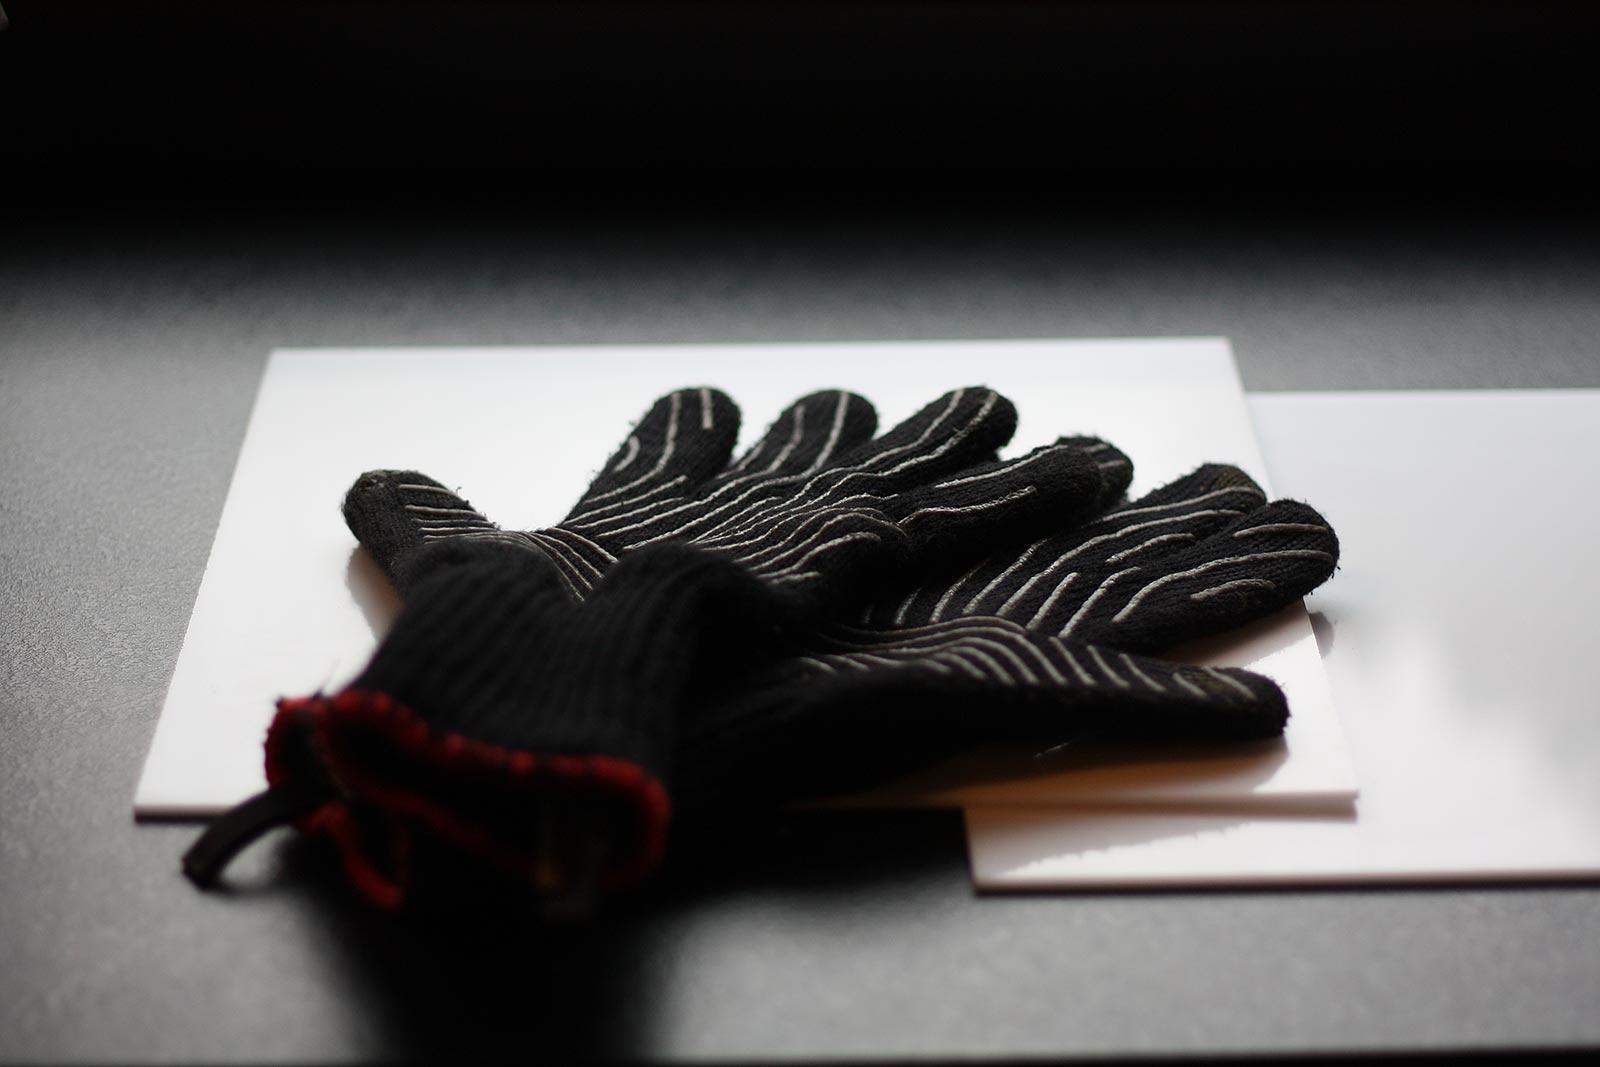 Plexiglasplatten und Handschuhe